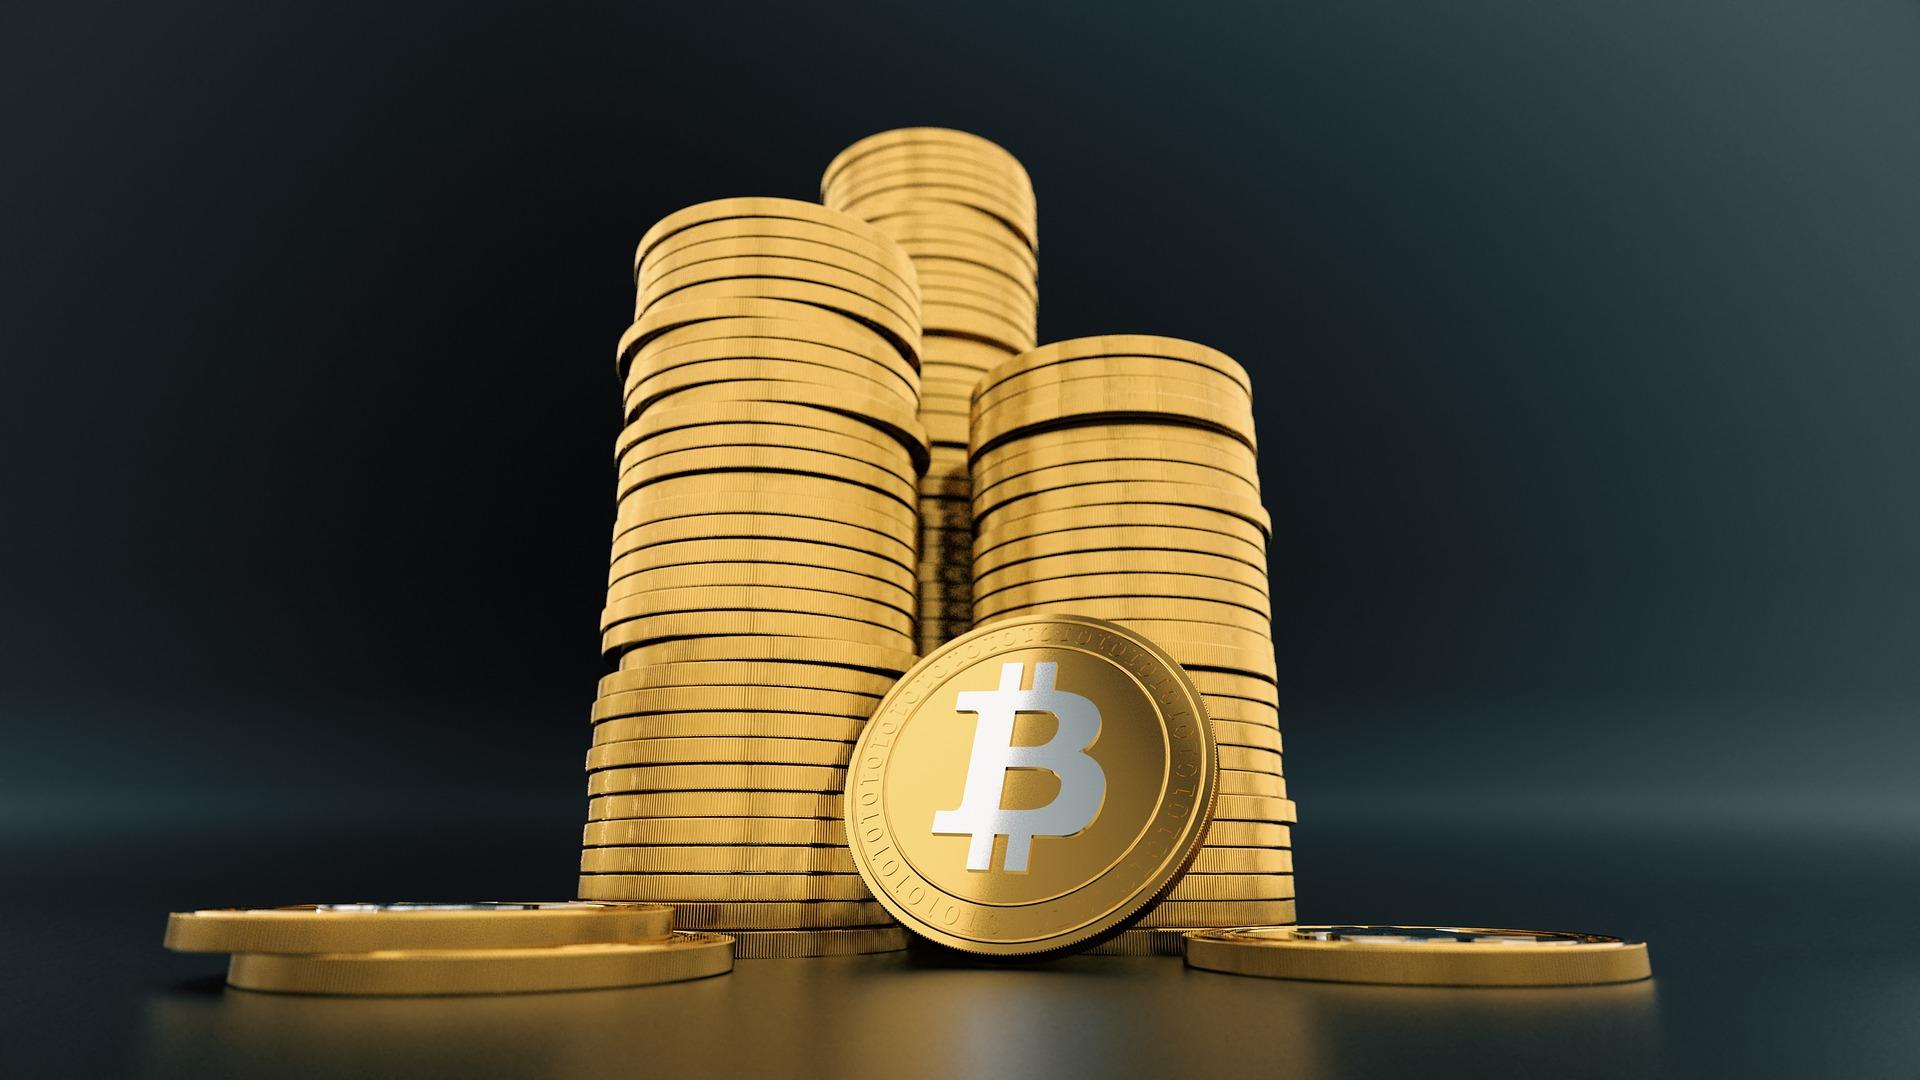 Риски инвестирования в криптолюту